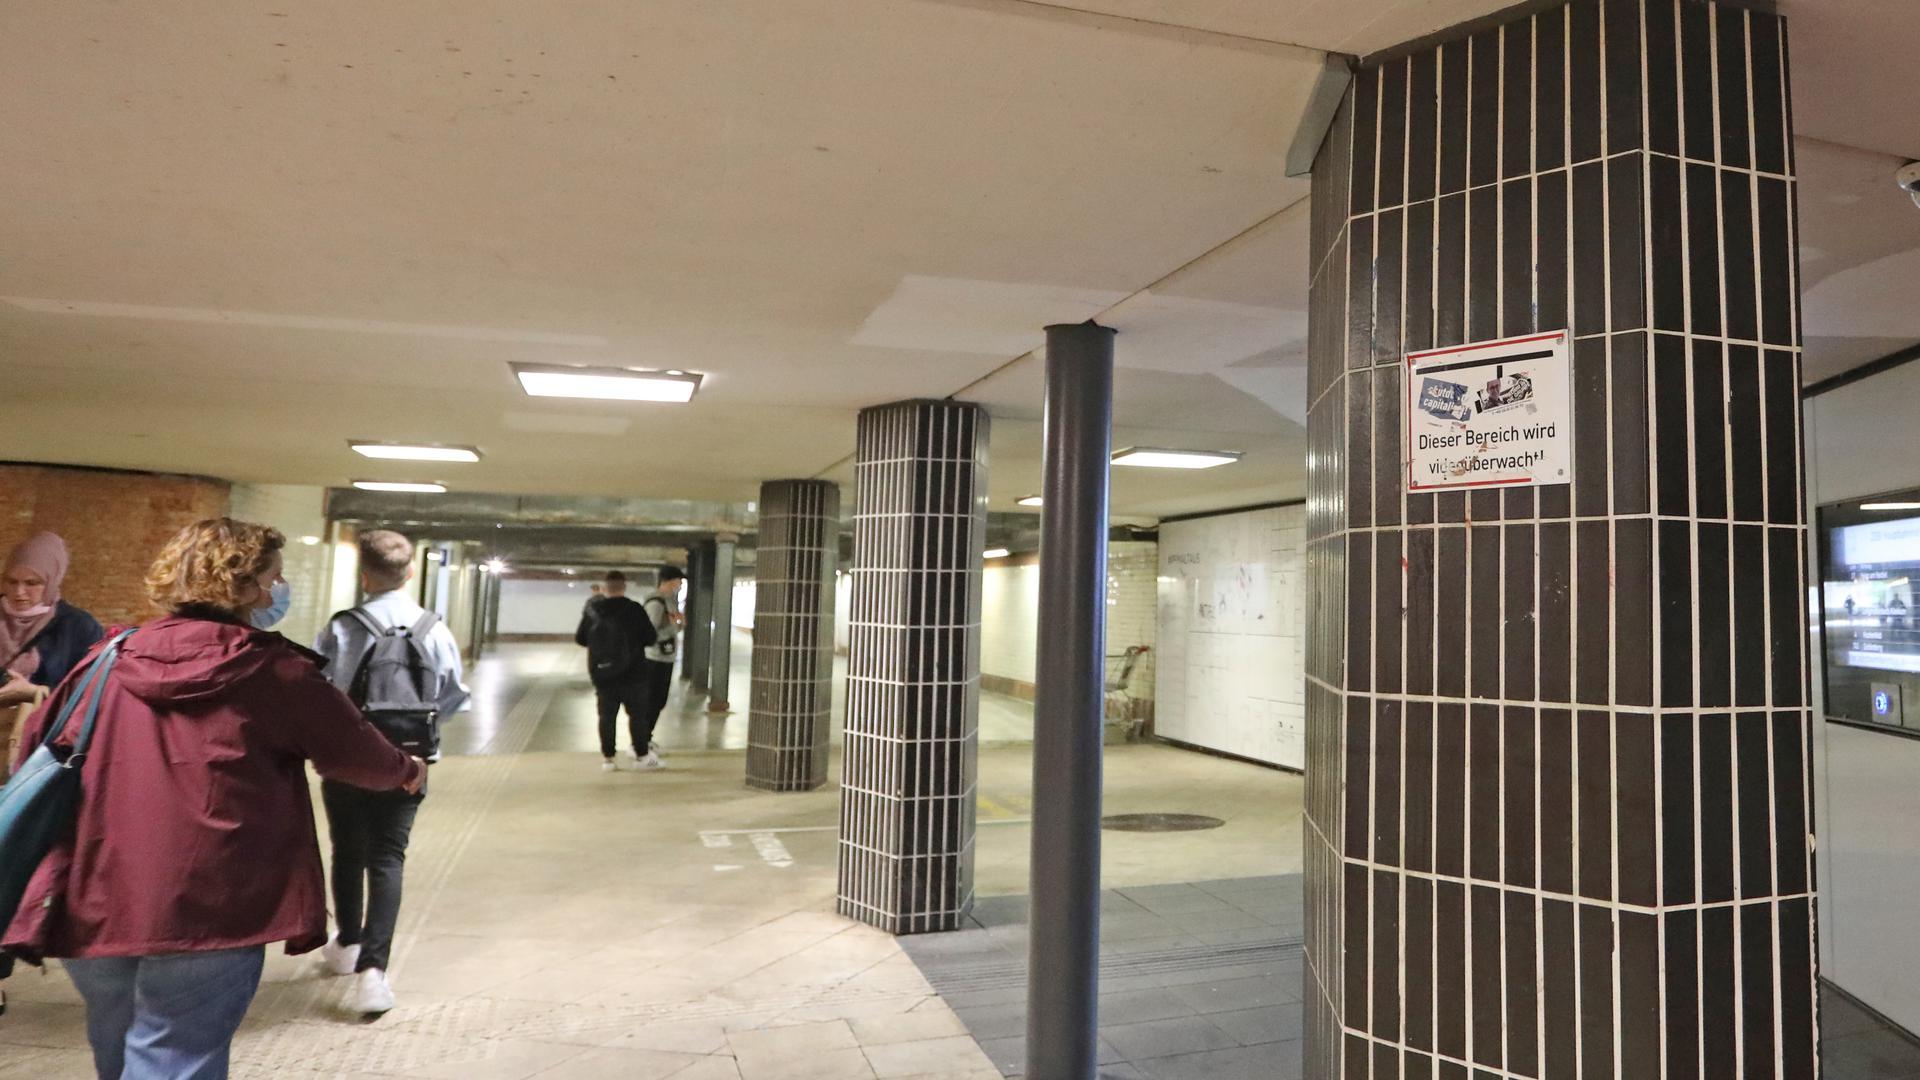 Mehr Videoüberwachung: Das wollen Stadt und Polizei in Pforzheim. In der Unterführung am Bahnhof wurden bereits Kameras aufgebaut.